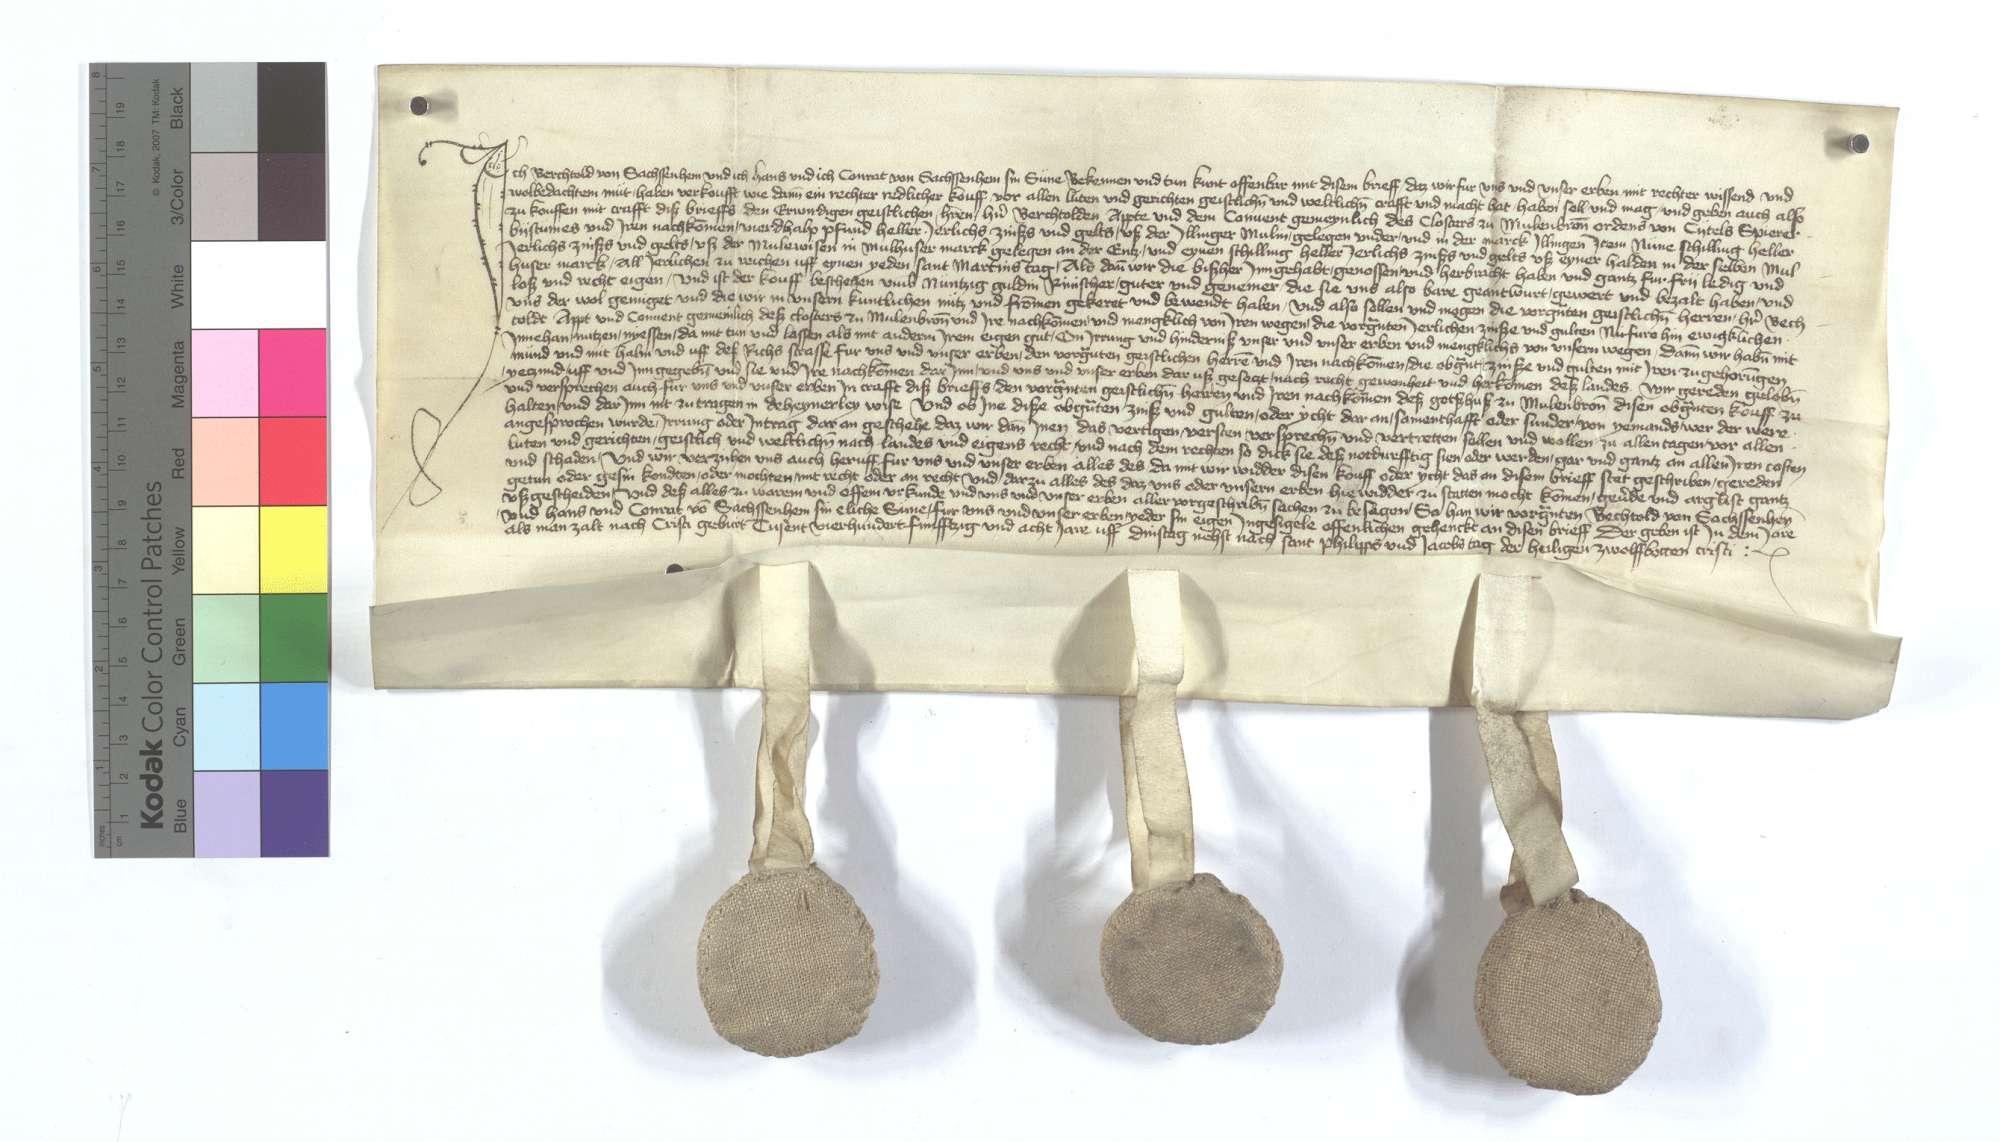 Berthold, Hans und Conrad von Sachsenheim (Sachssenheim) verkaufen dem Kloster Maulbronn 3 1/2 Pfund Heller jährliche Gült aus der Mühle in Illingen und 10 Pfund Heller aus etlichen Gütern in Mühlhausen (Mülhausen)., Text